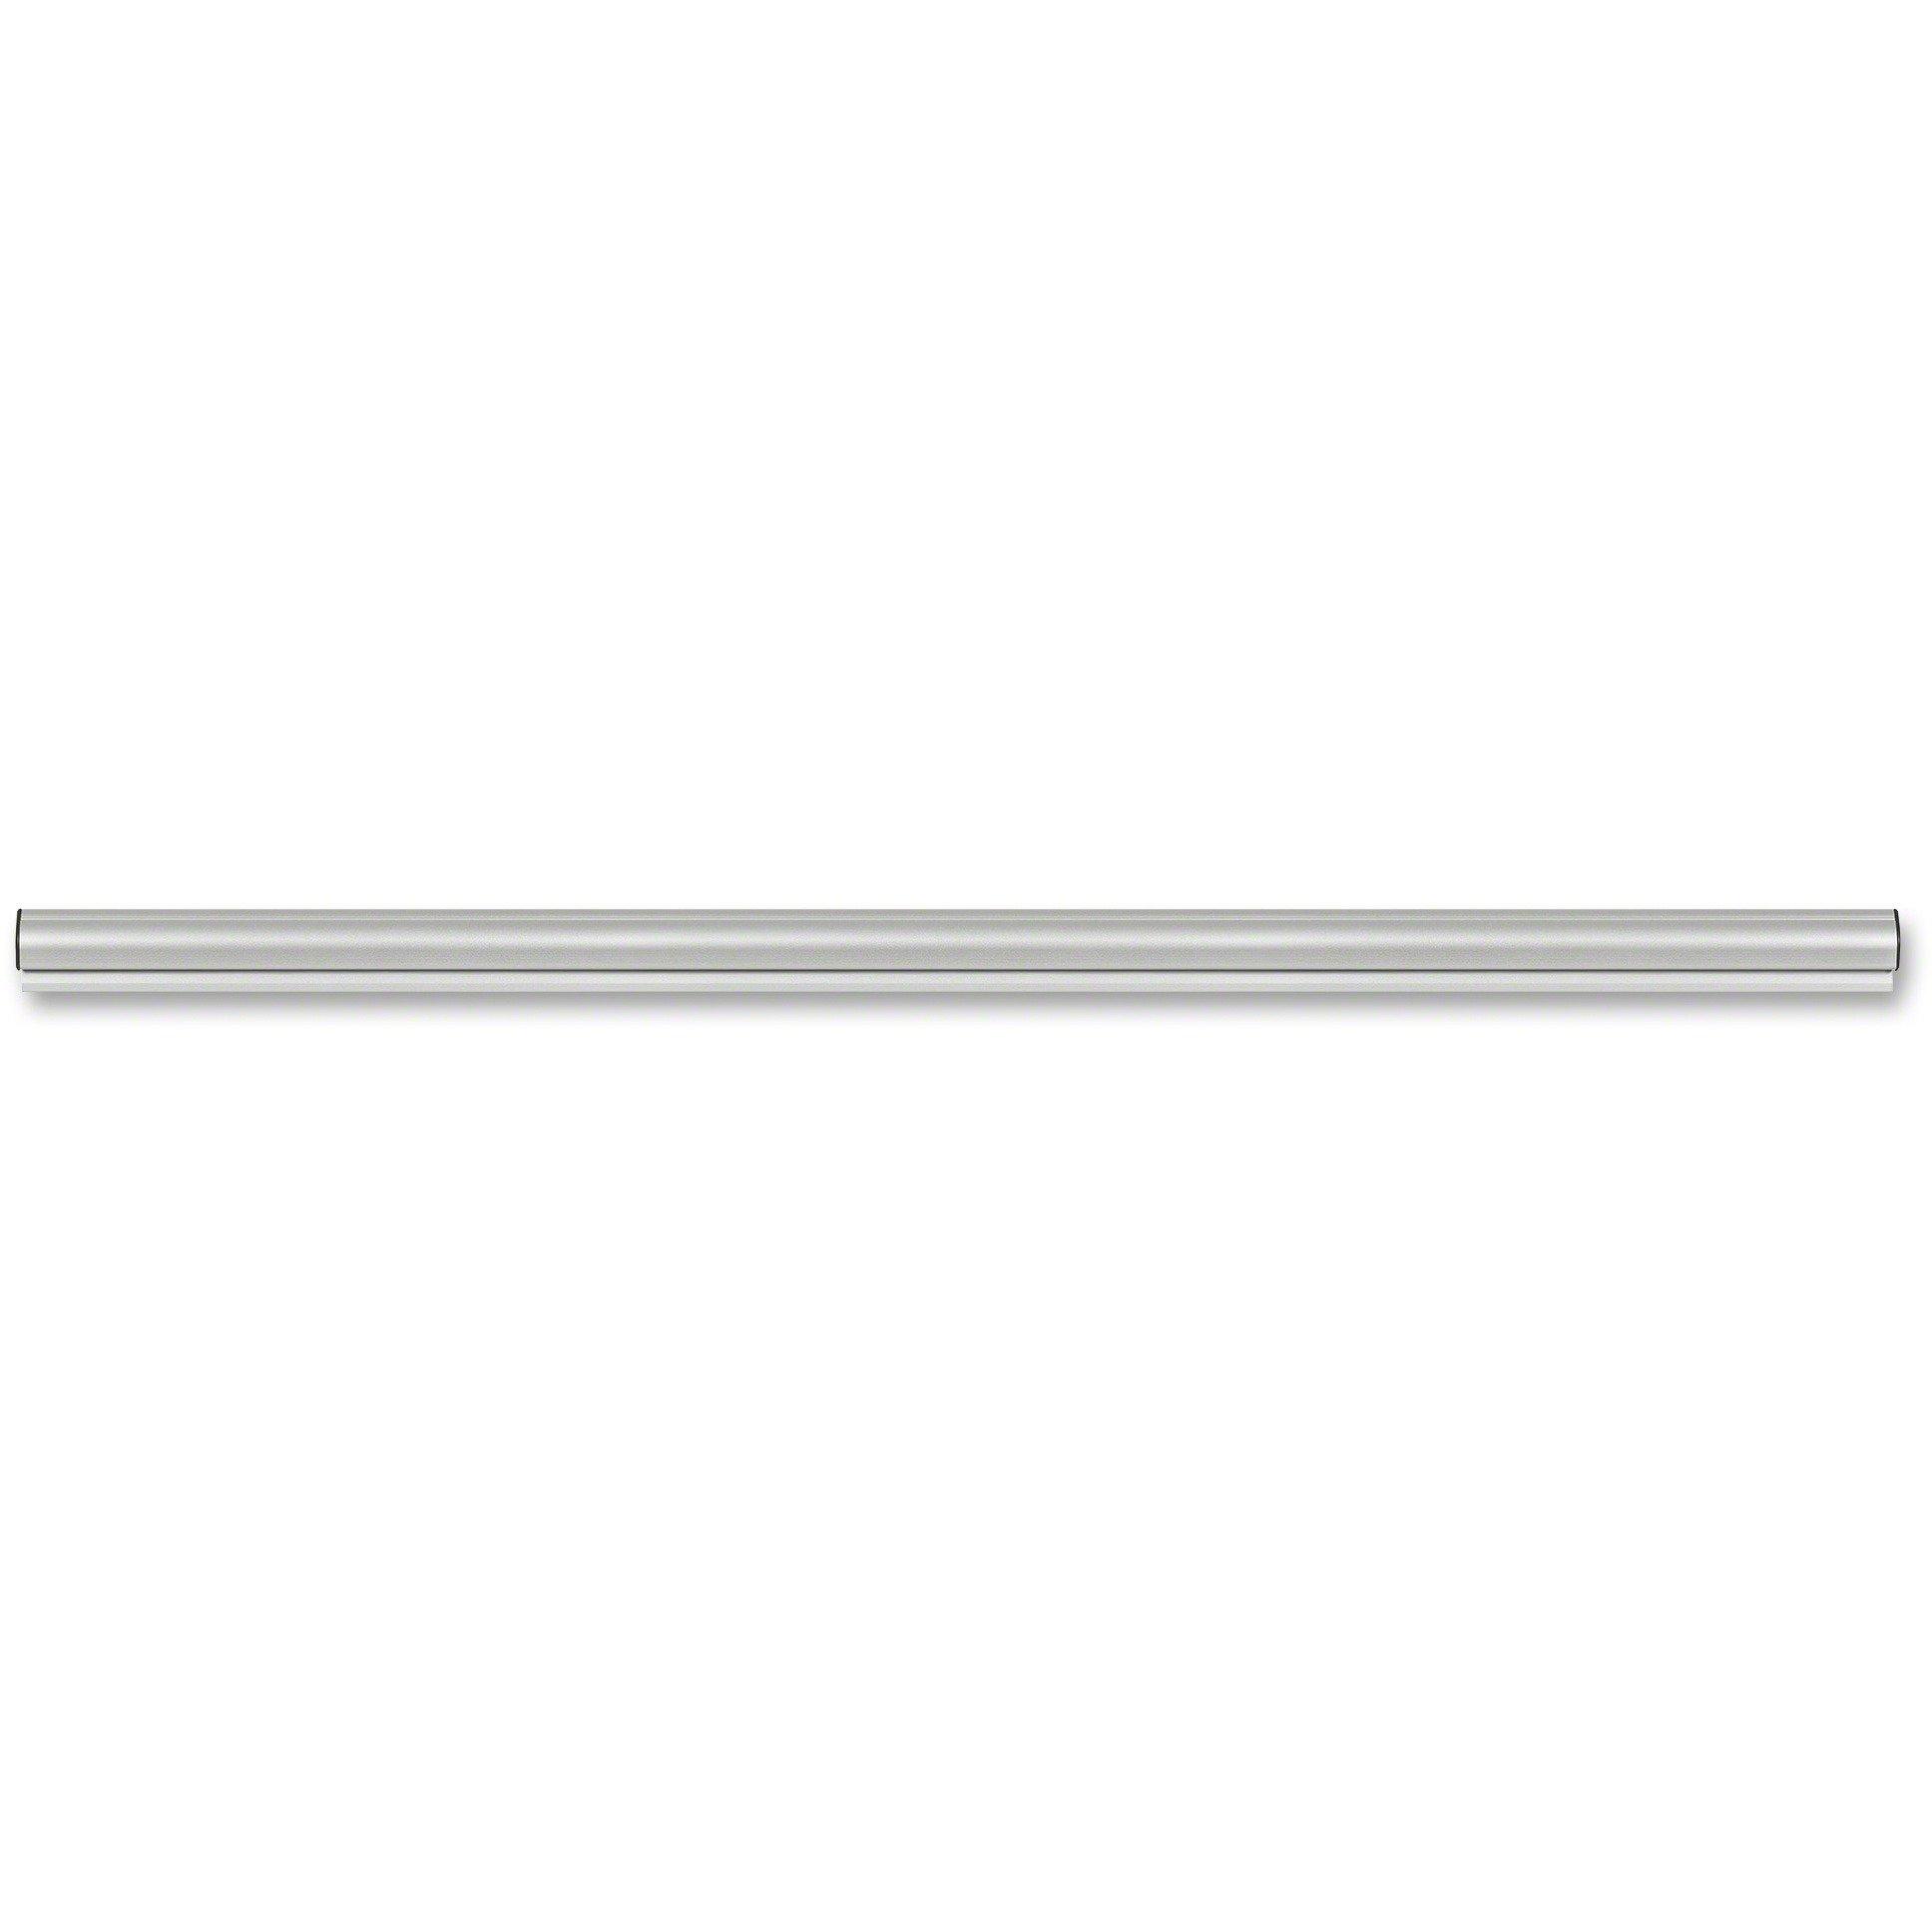 BLT505S3 - Balt Tackless Paper Holder